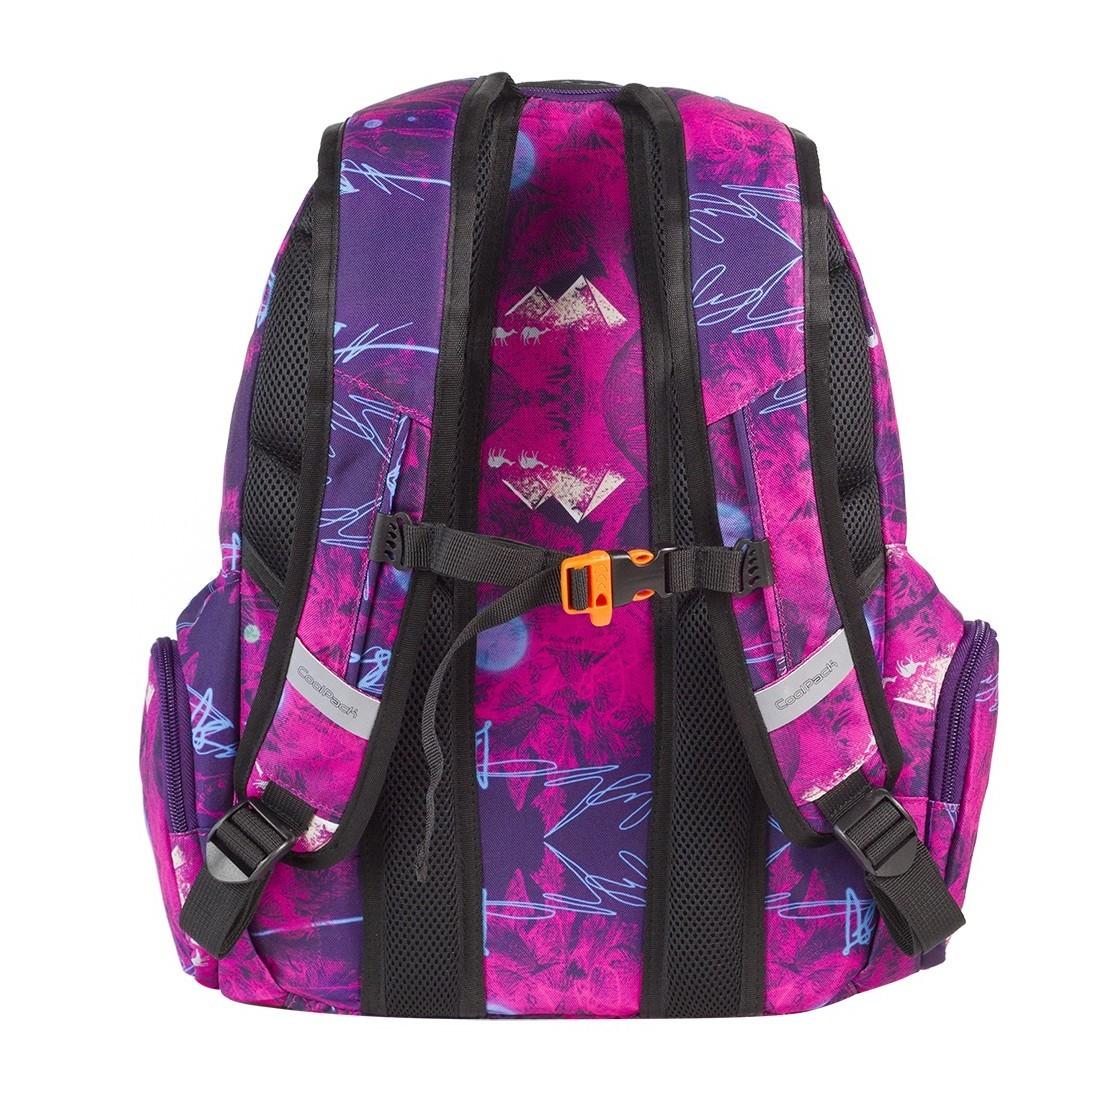 Plecak młodzieżowy CoolPack SPARK 3 przegrody PURPLE DESERT CP 537